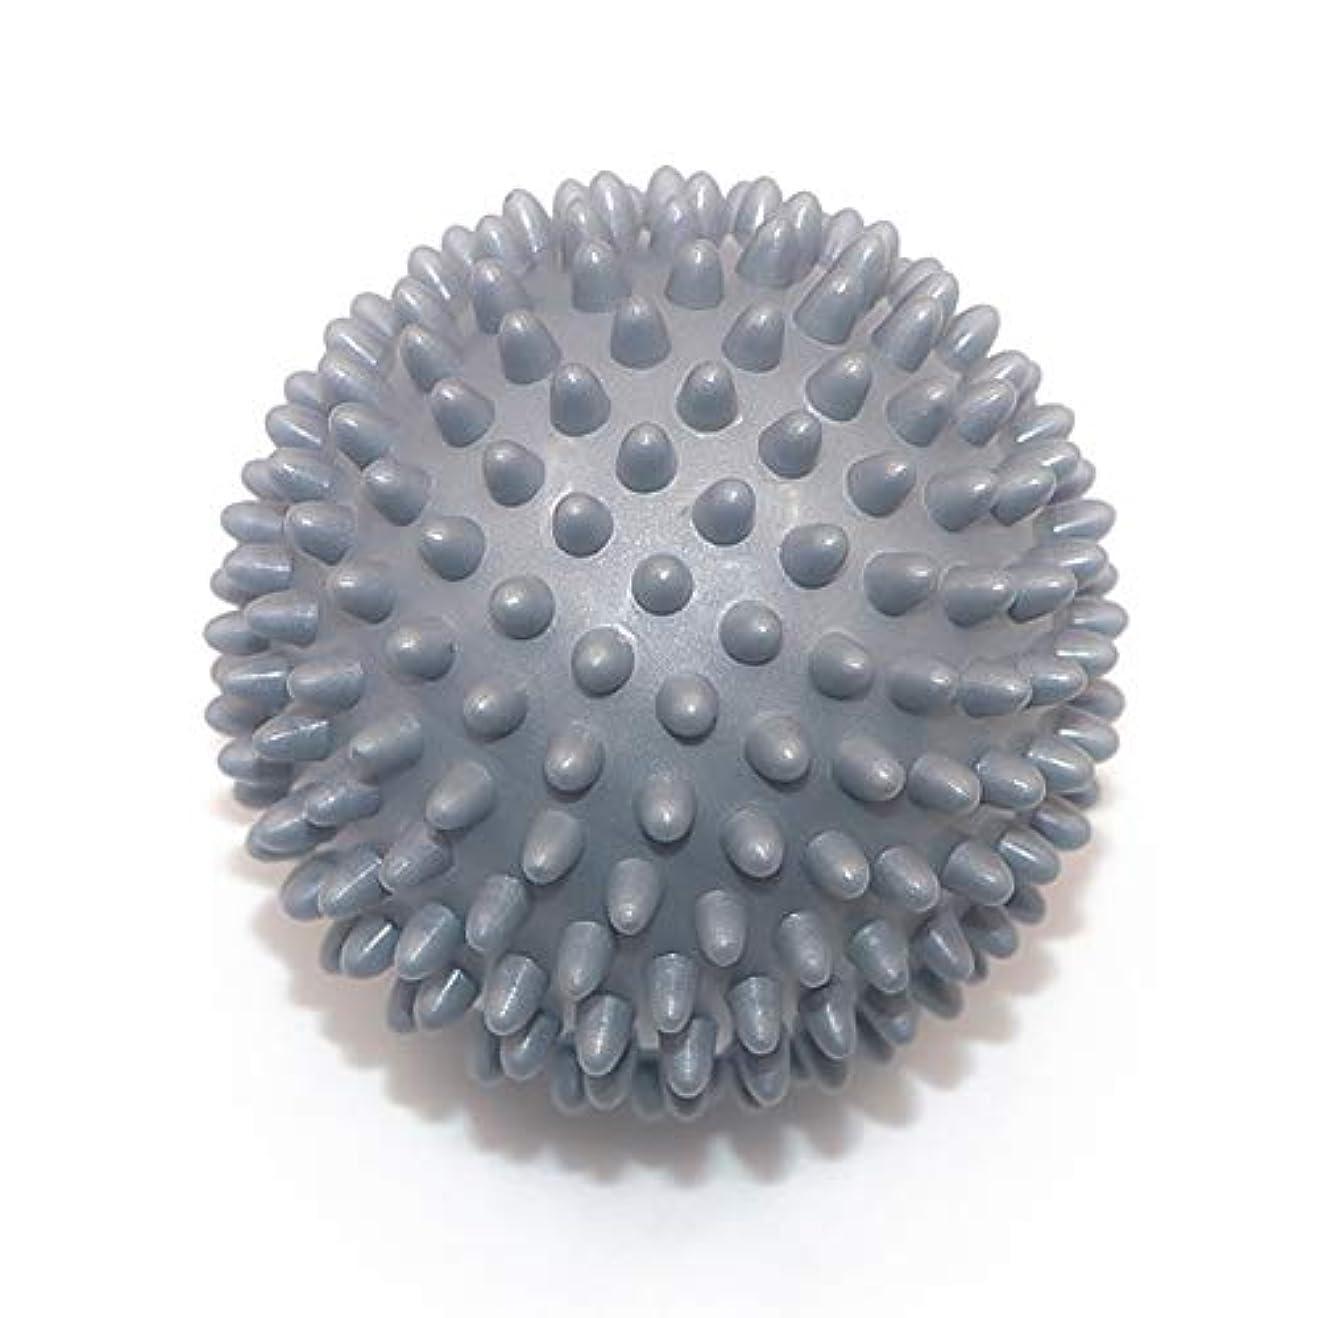 イブニング活性化最小化するLiti マッサージボール リハビリ 触覚ボール リフレクションボール 筋膜リリース リハビリ マッサージ用 グレー